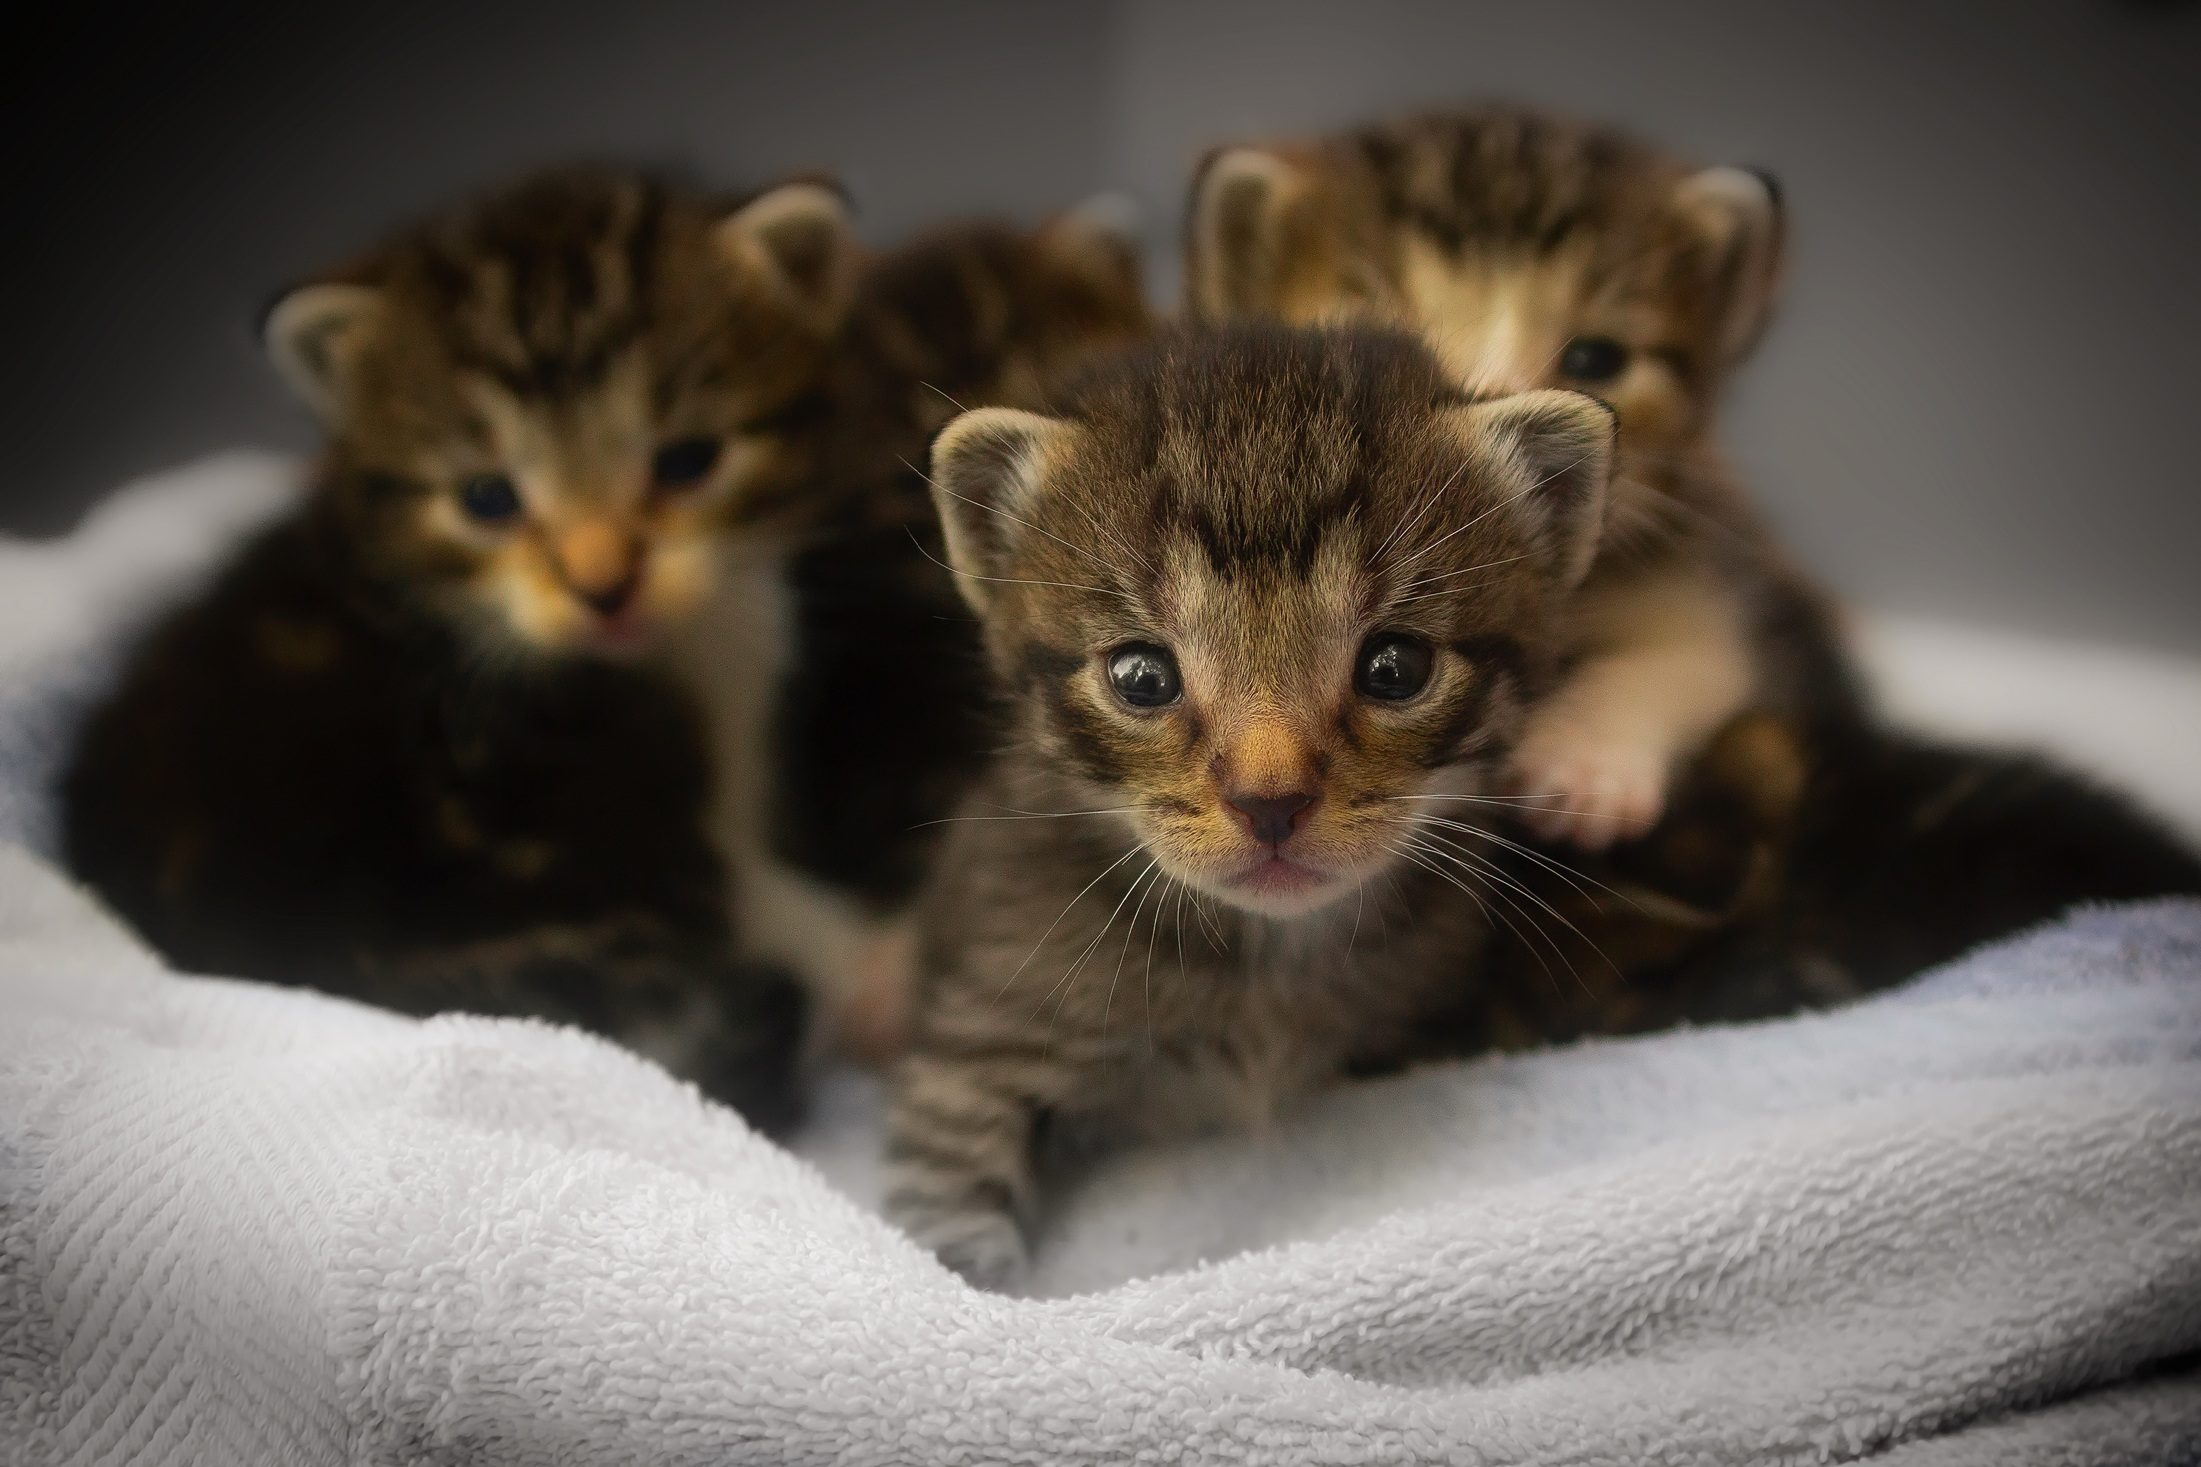 gatinhos, pequeno, gatos, jovem, Olha, olhos - Papéis de parede HD - Professor-falken.com